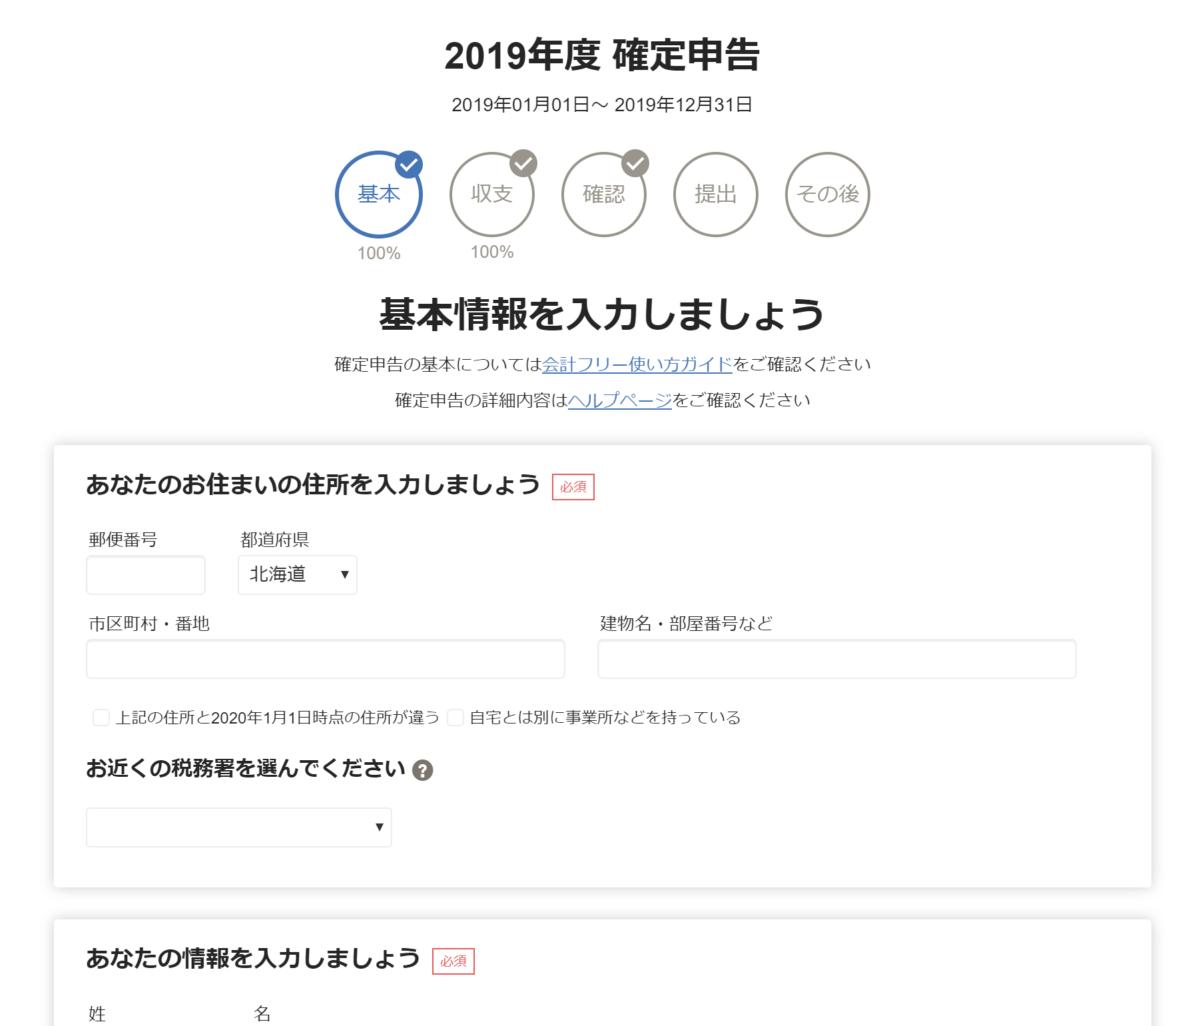 【会計freee】基本情報入力画面